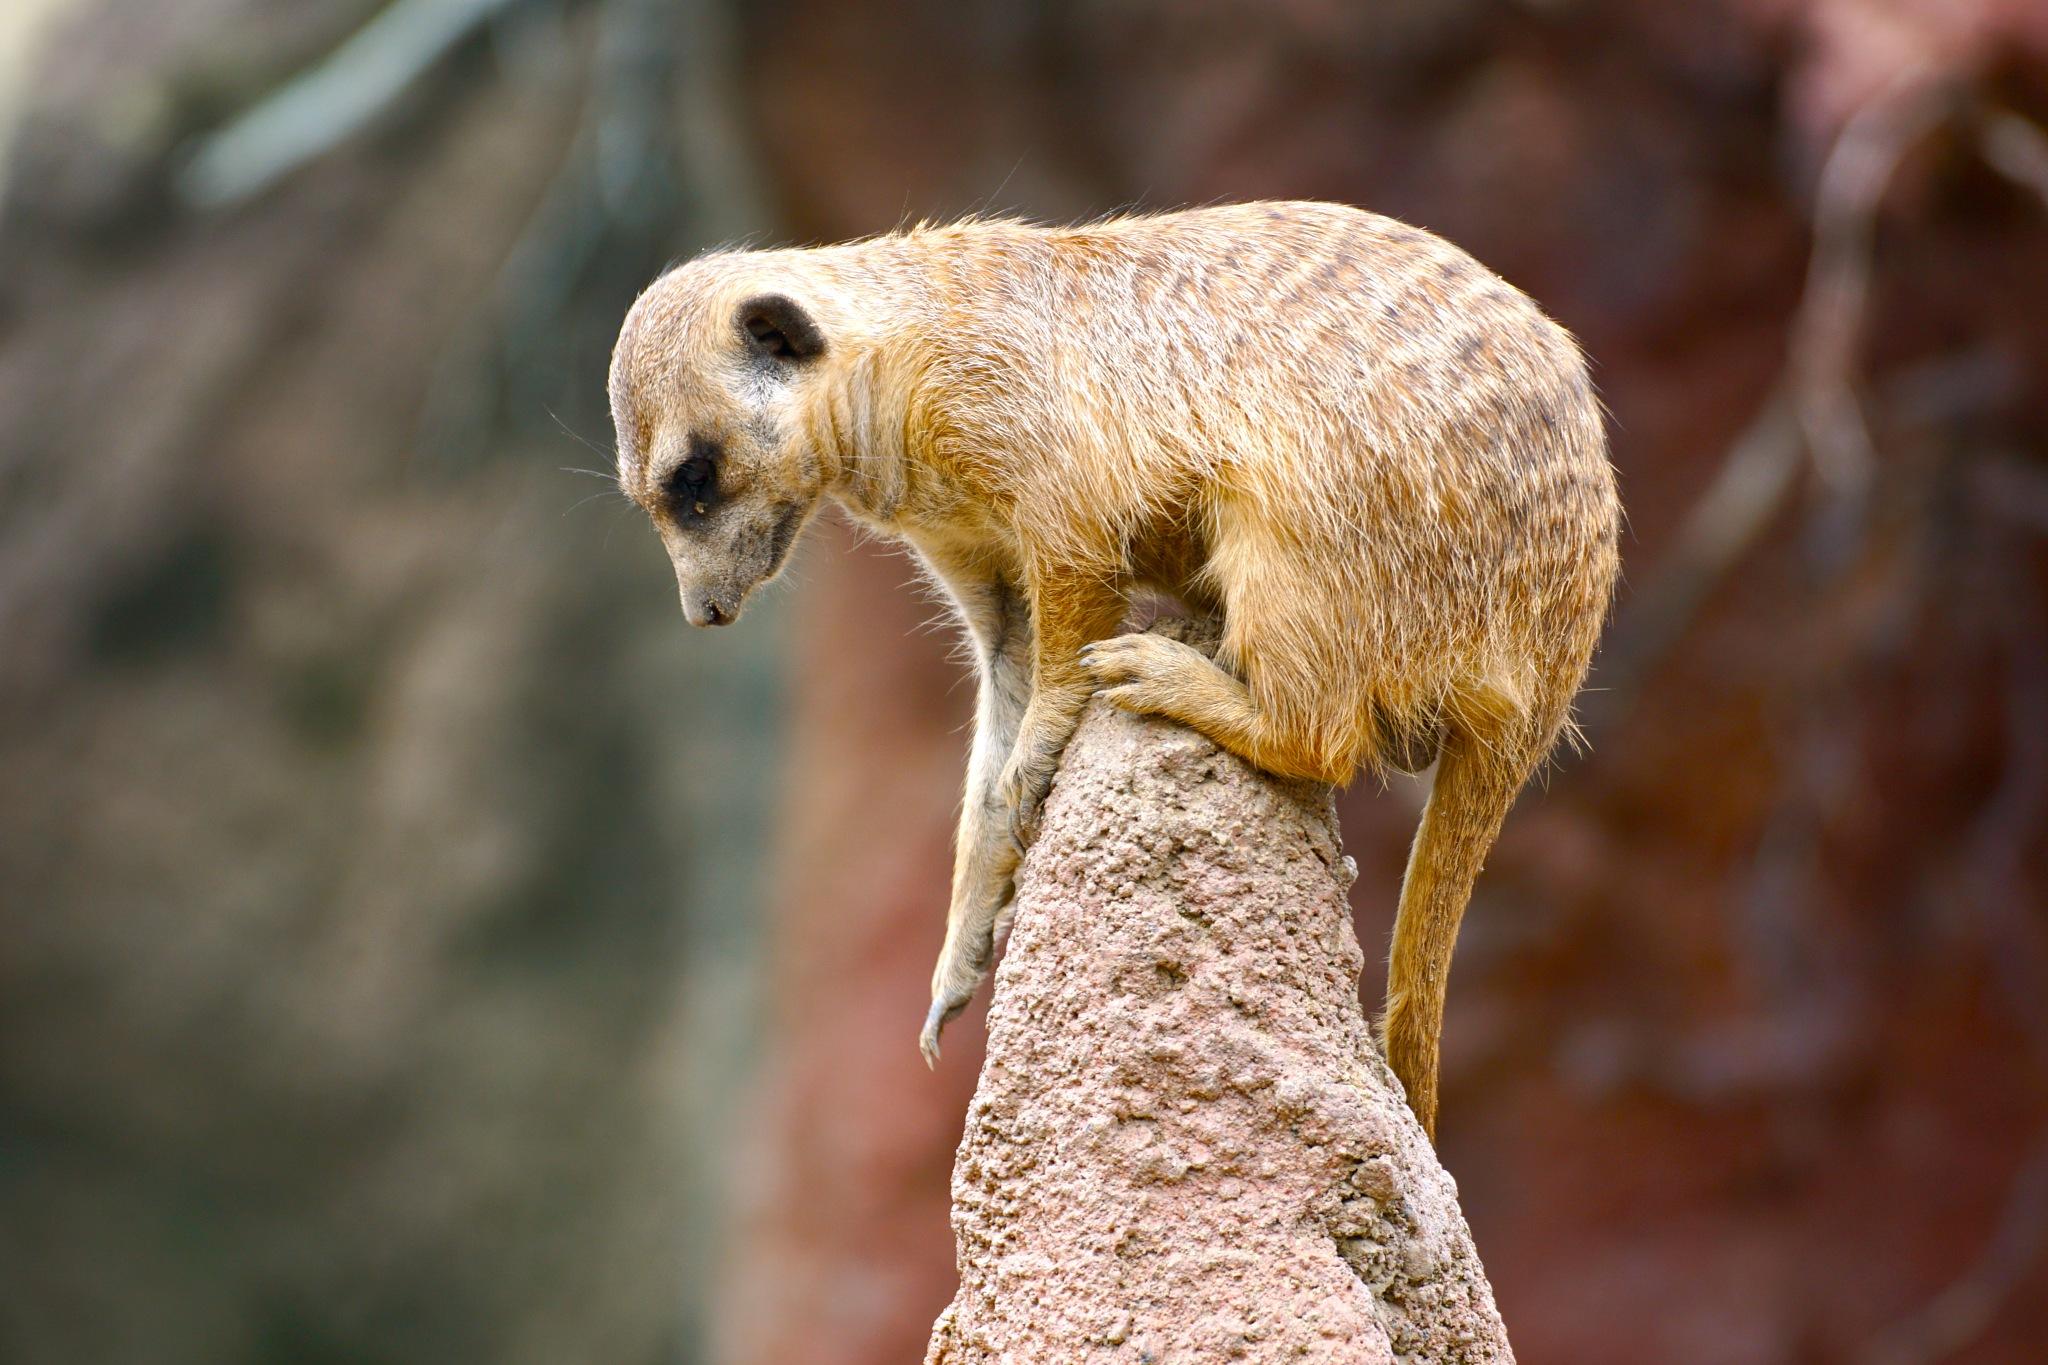 precarious perch by Debi Staron